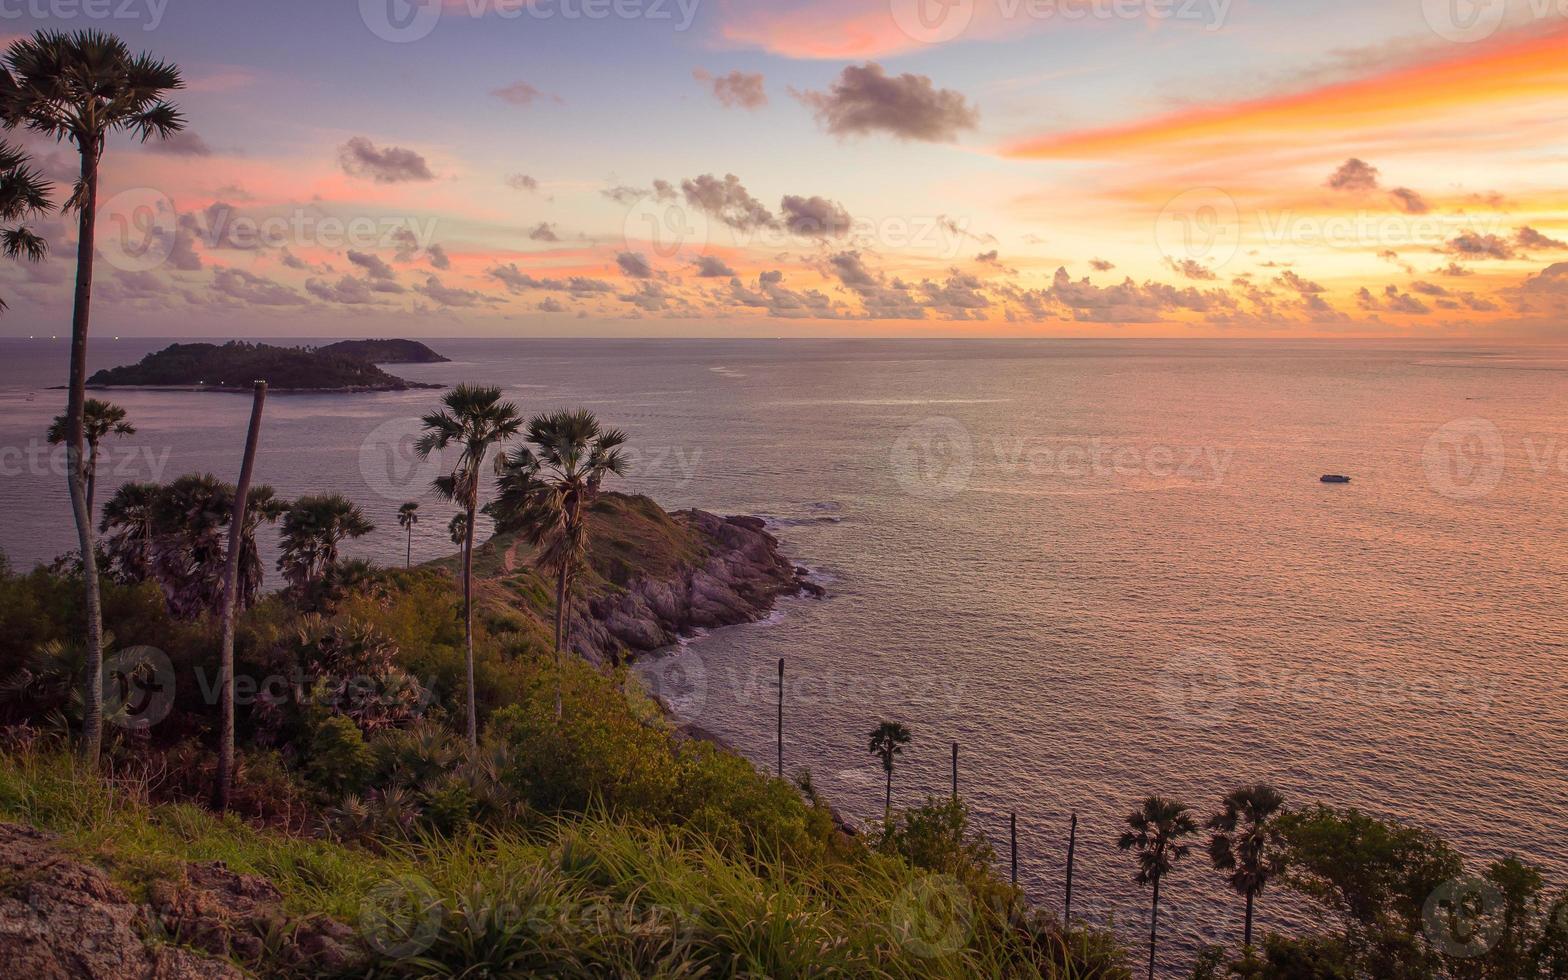 Promthep Cape, Phuket province of Thailand photo